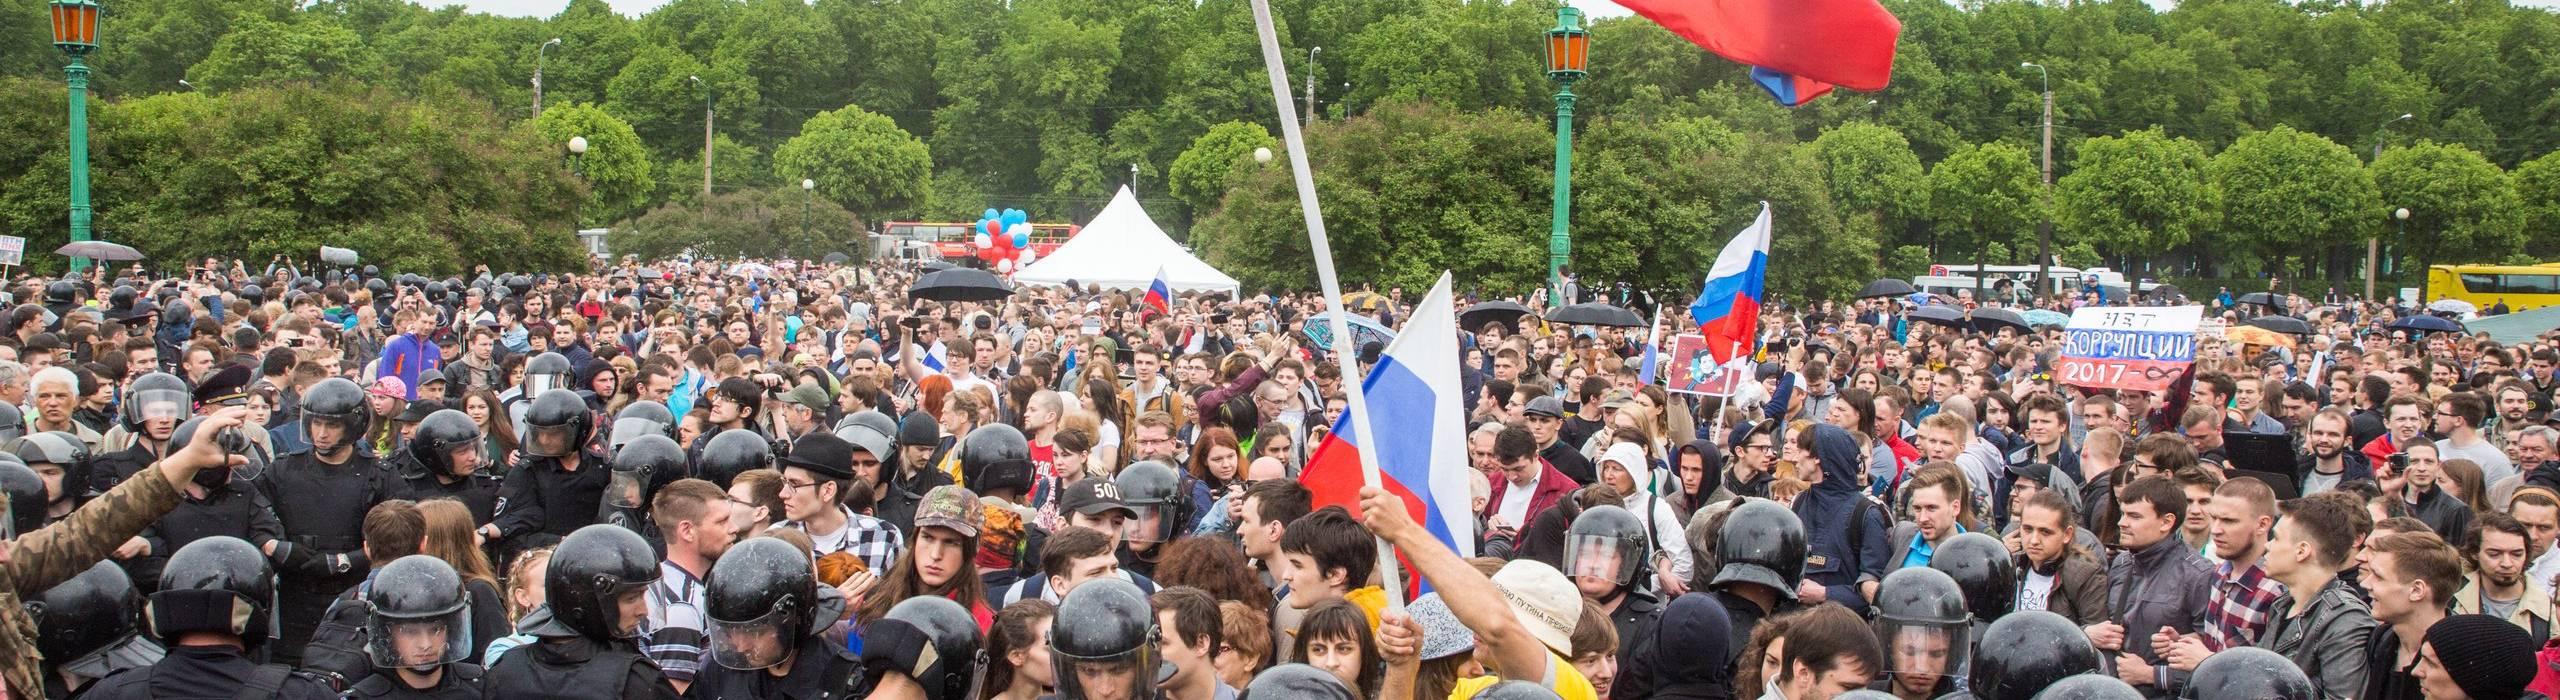 June 12 protest in St. Petersburg